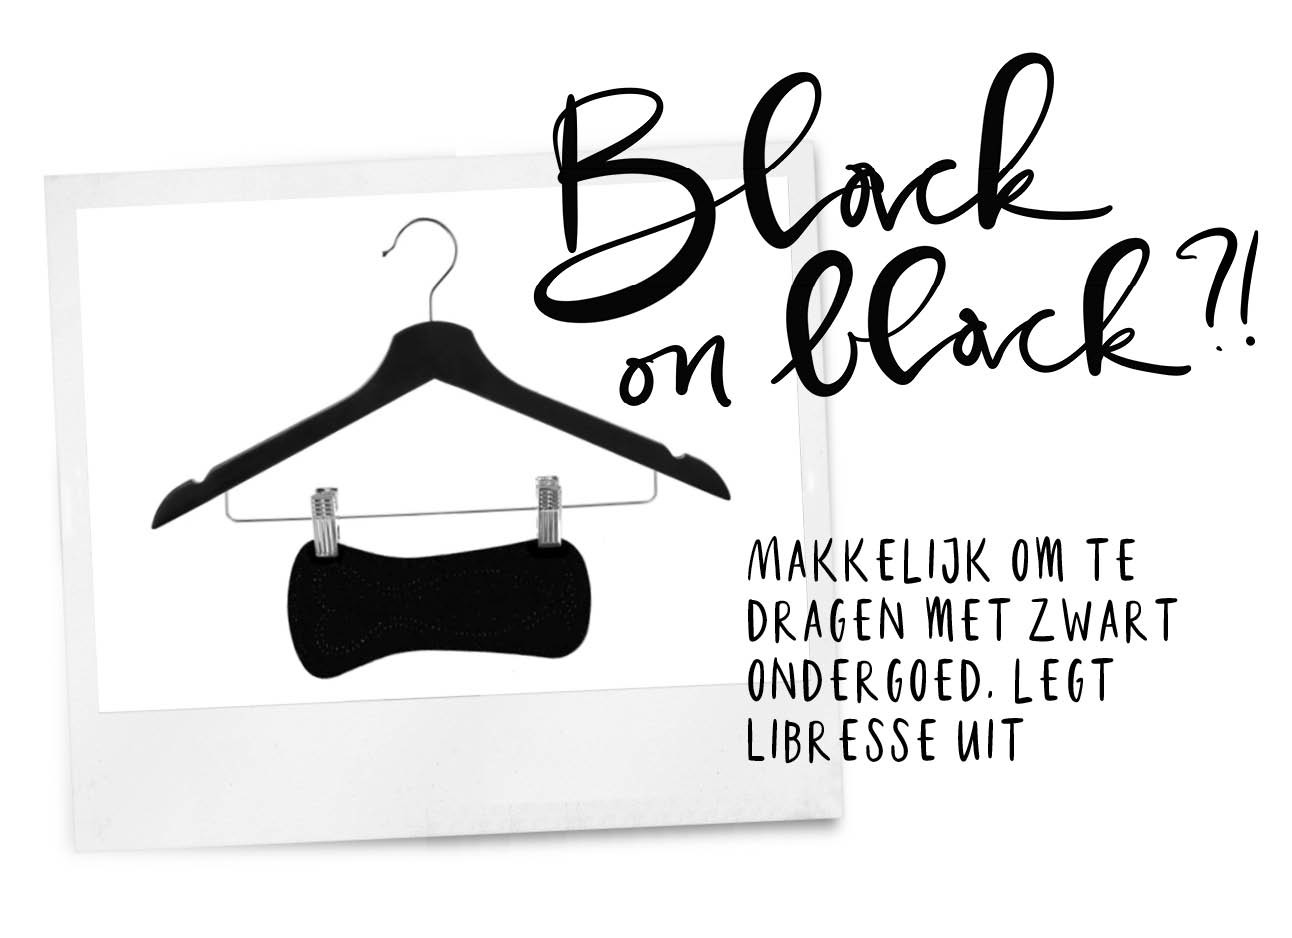 zwart maandverband aan een hanger